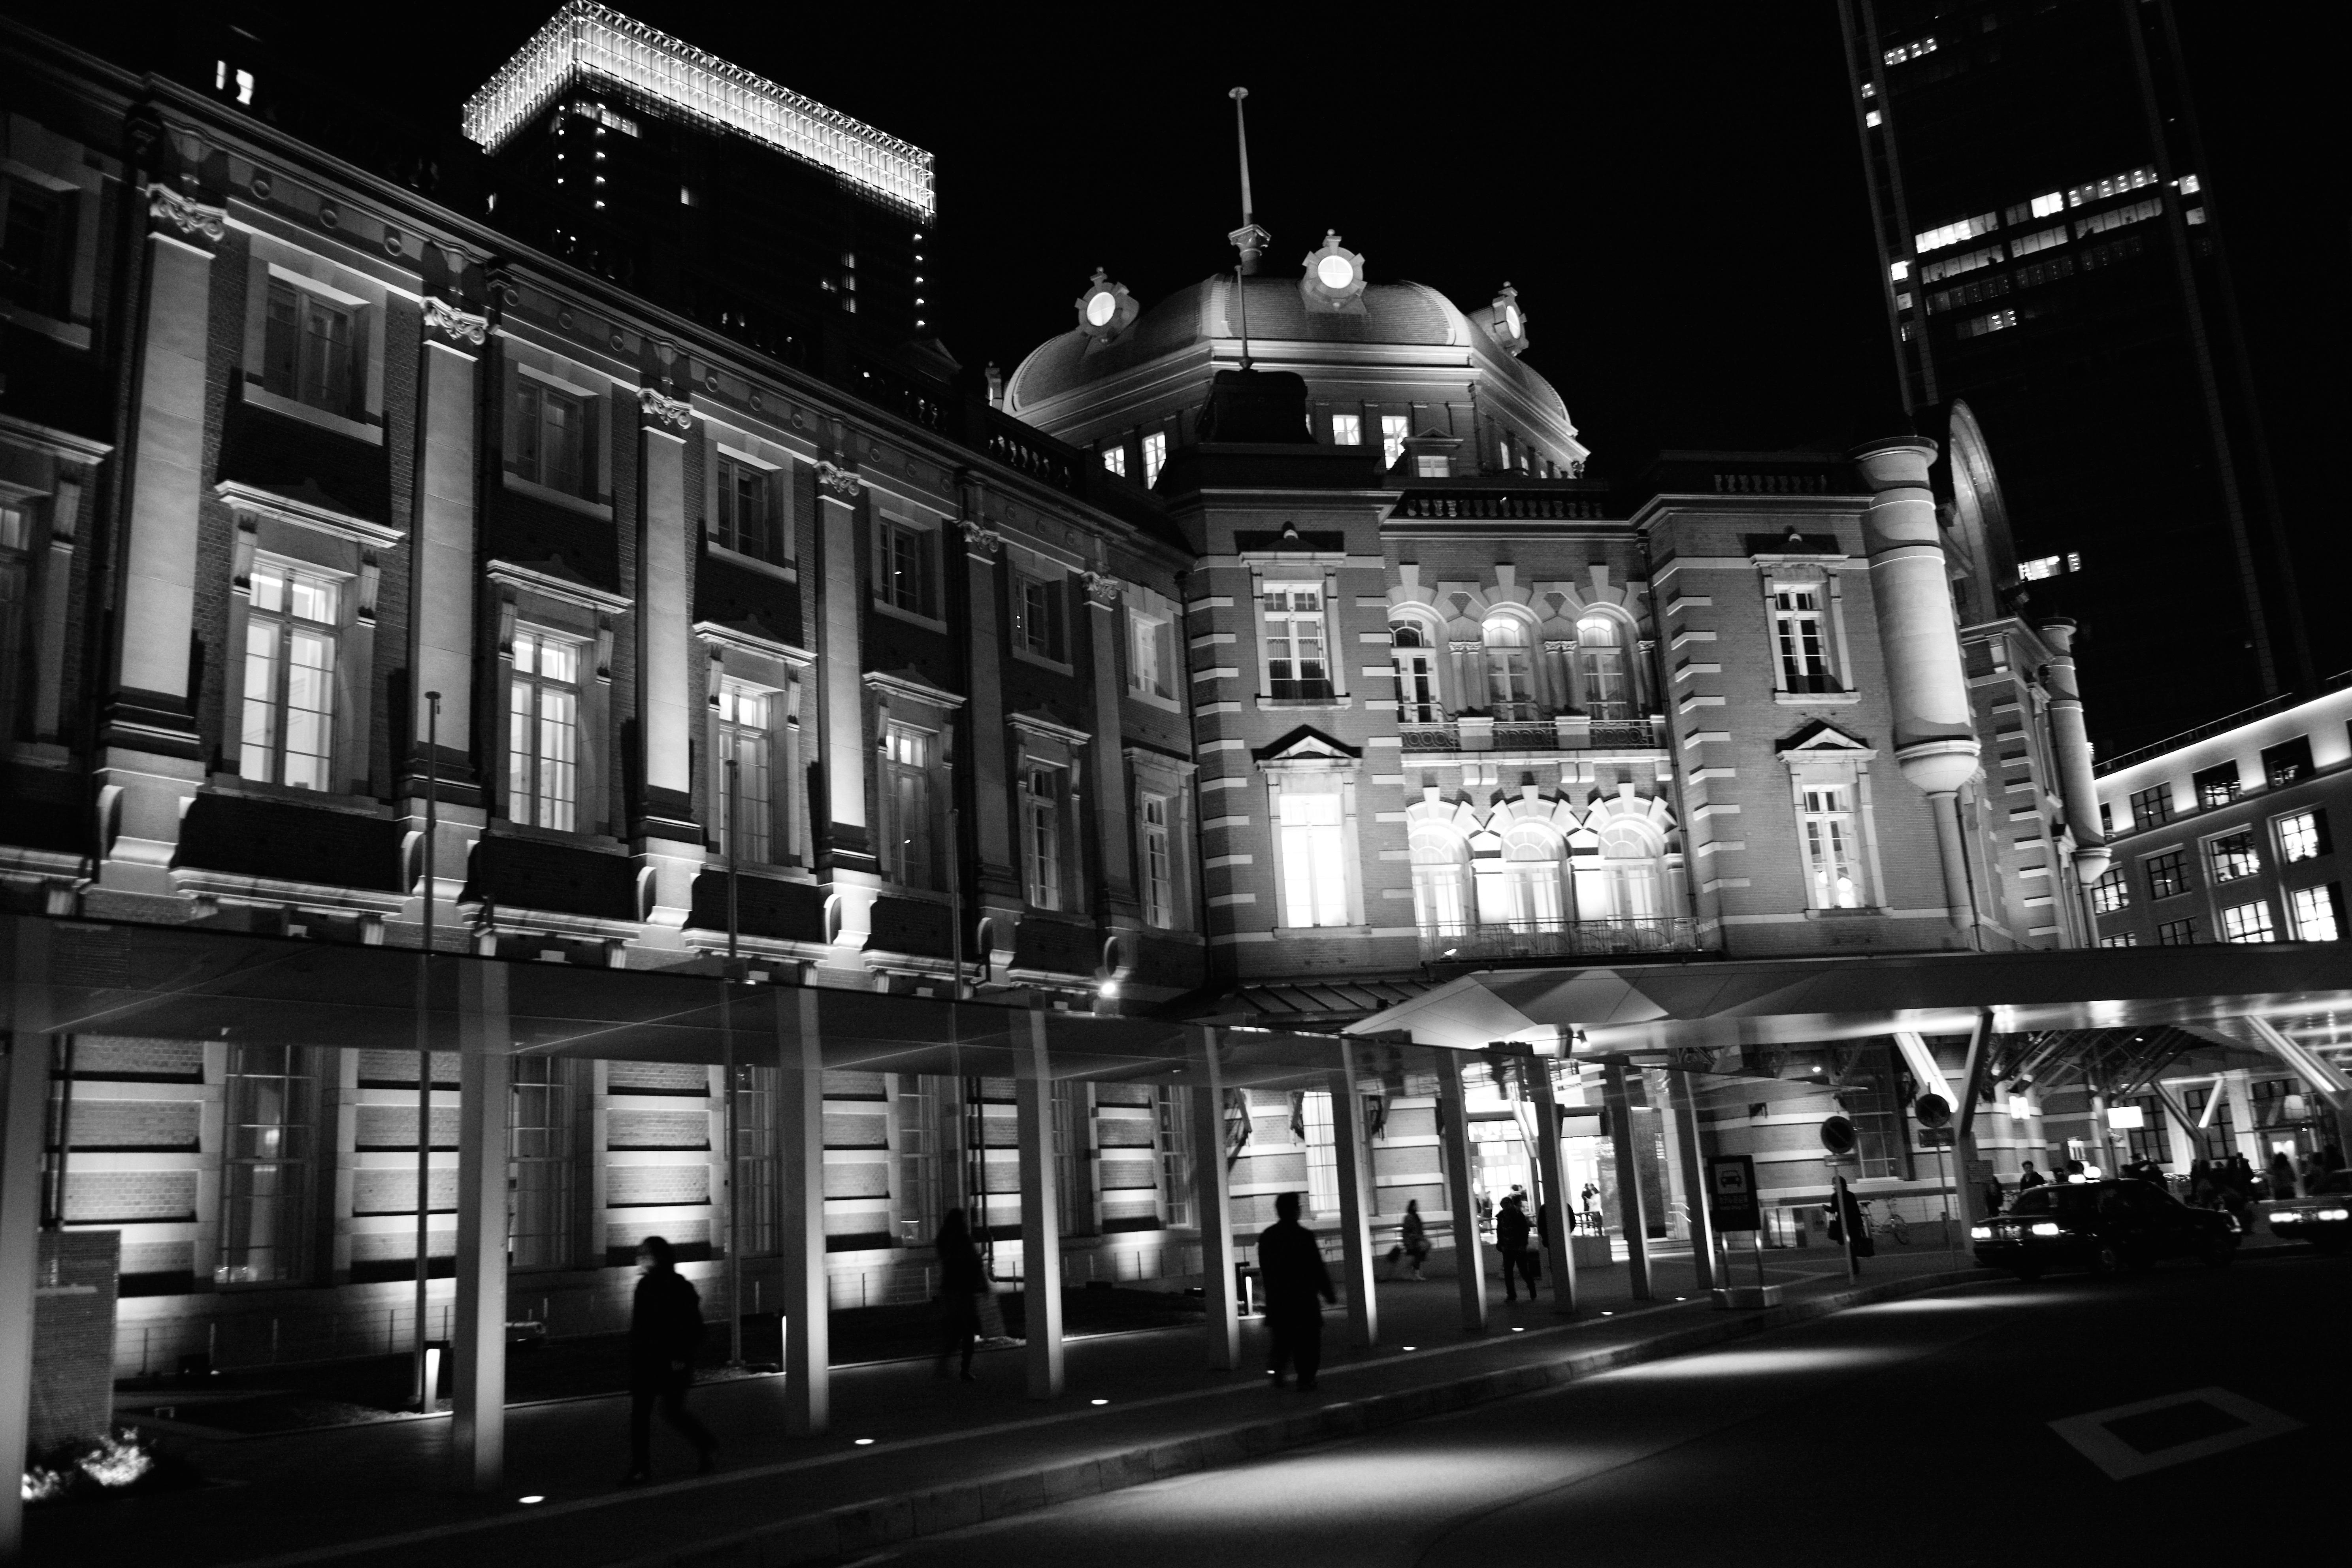 открытки стену как ночью фотографировать архитектуру пара никак